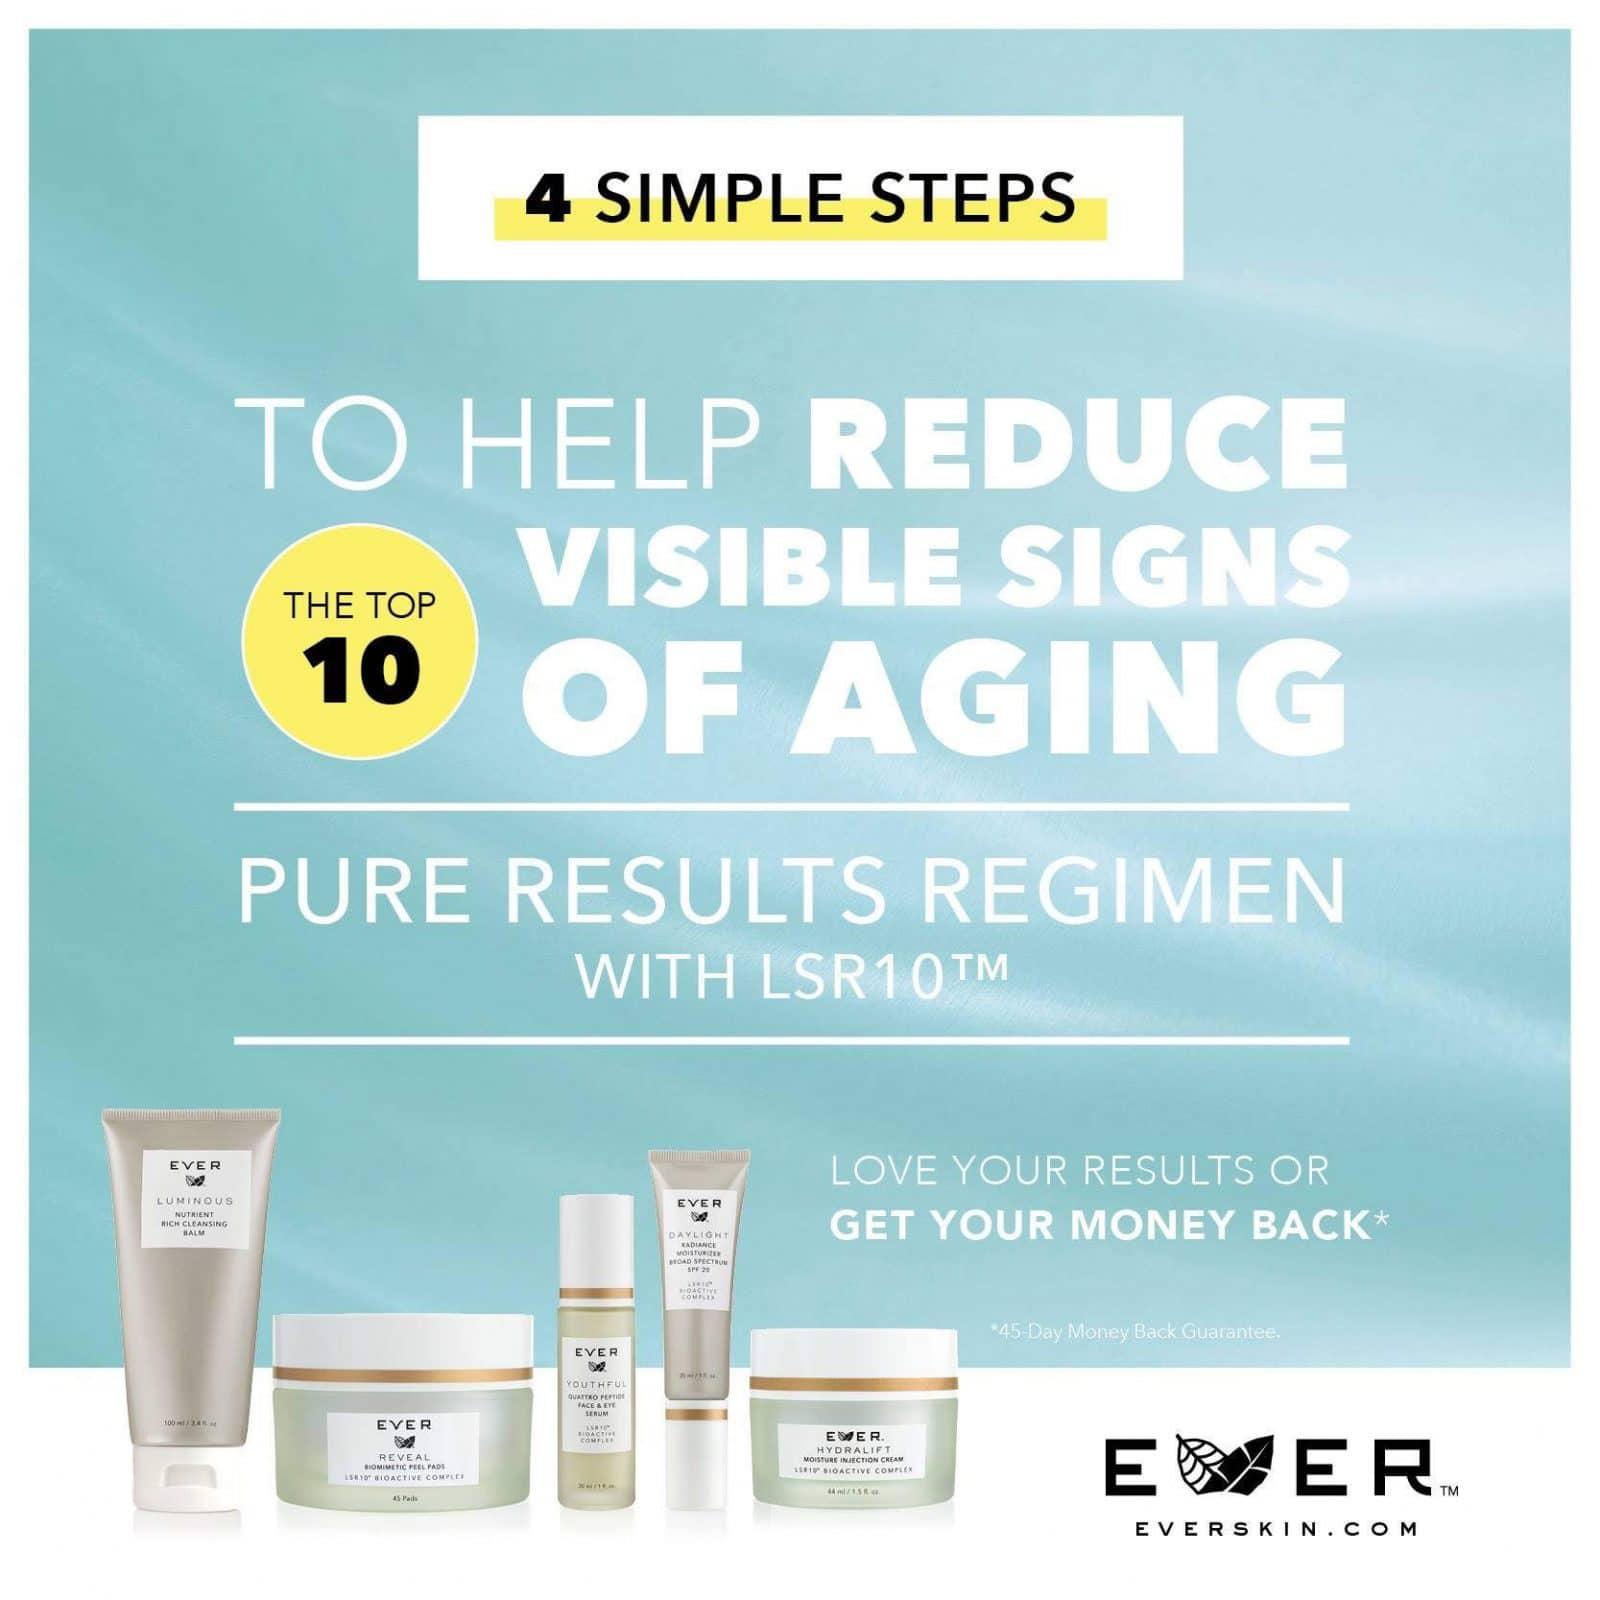 Ever Skincare